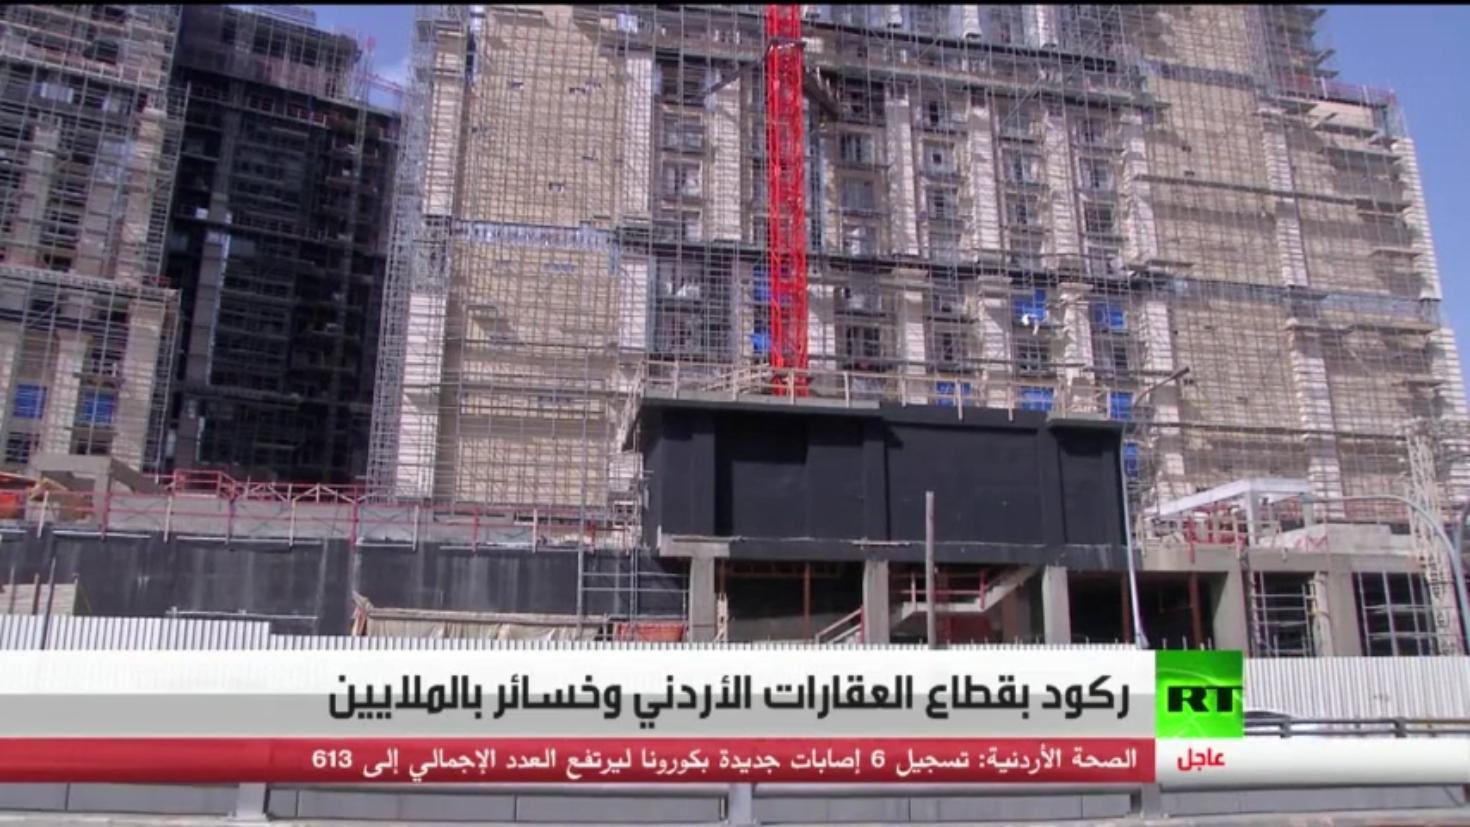 ركود بقطاع العقارات الأردني وخسائر بالملايين